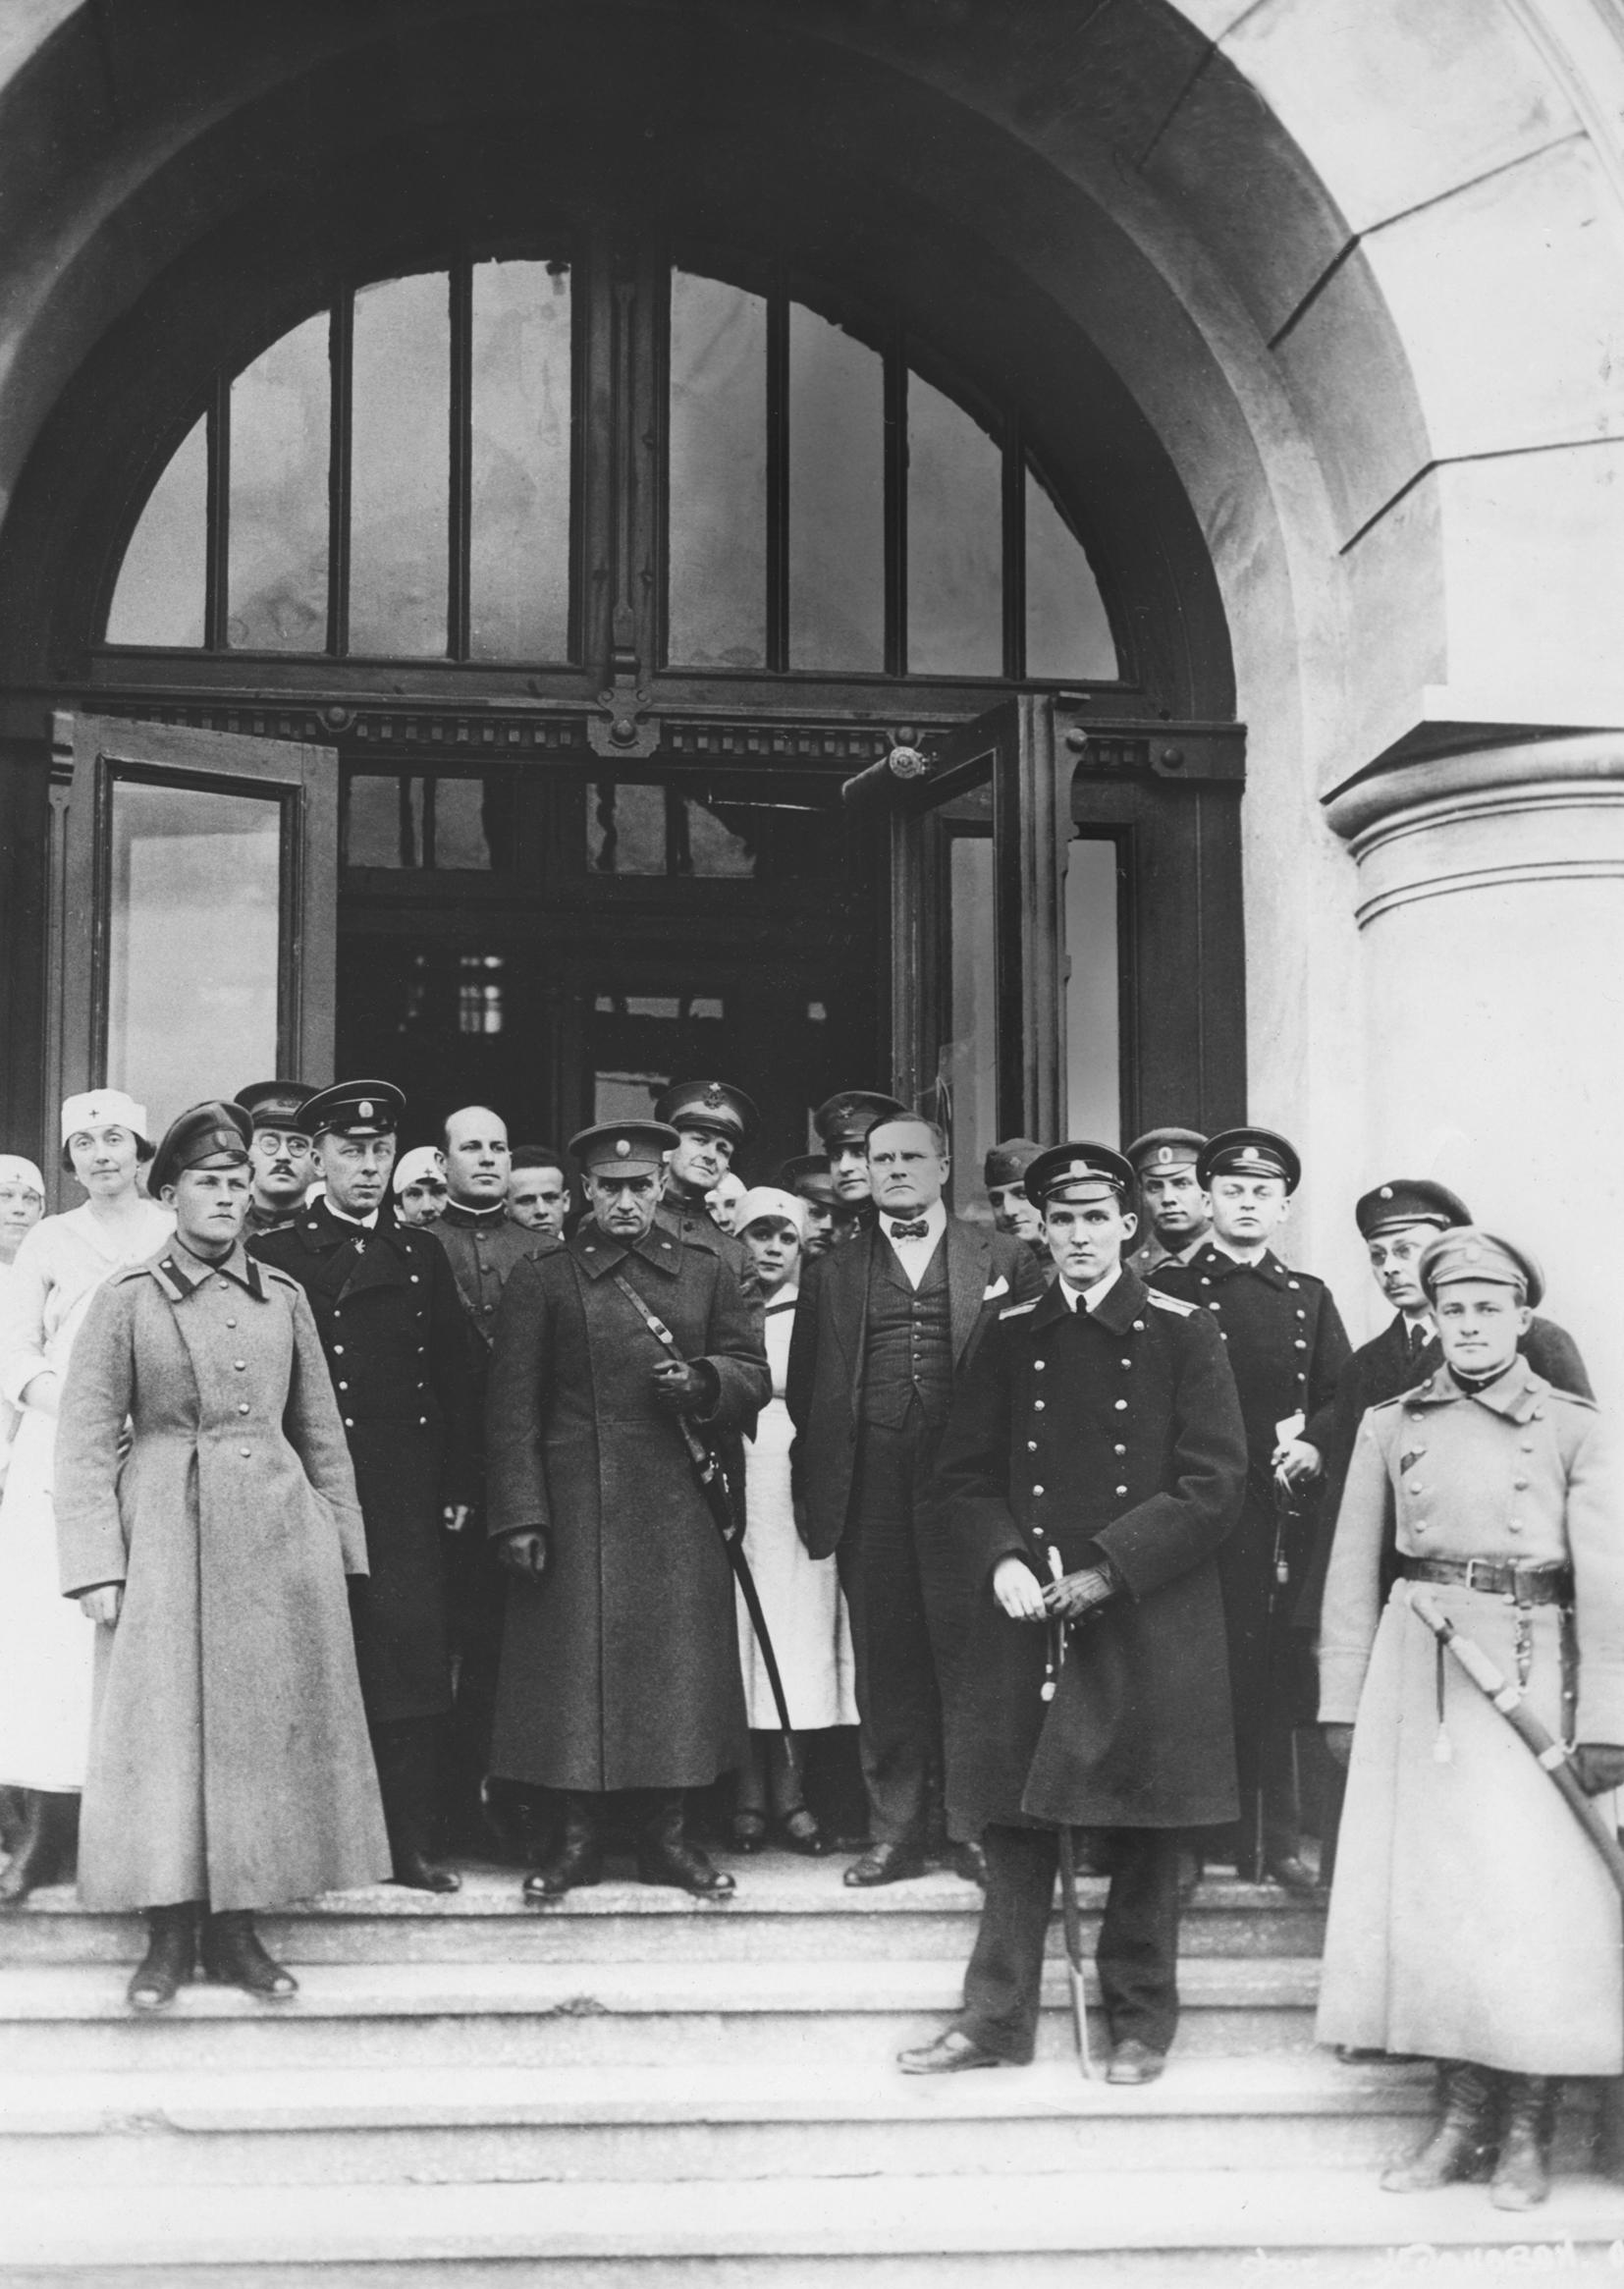 А. В. Колчак у входа в здание Омского сельскохозяйственного института (занятое под госпиталь Американского Красного Креста) в окружении персонала, офицеров и представителей американской военной миссии. Омск, весна 1919 г.